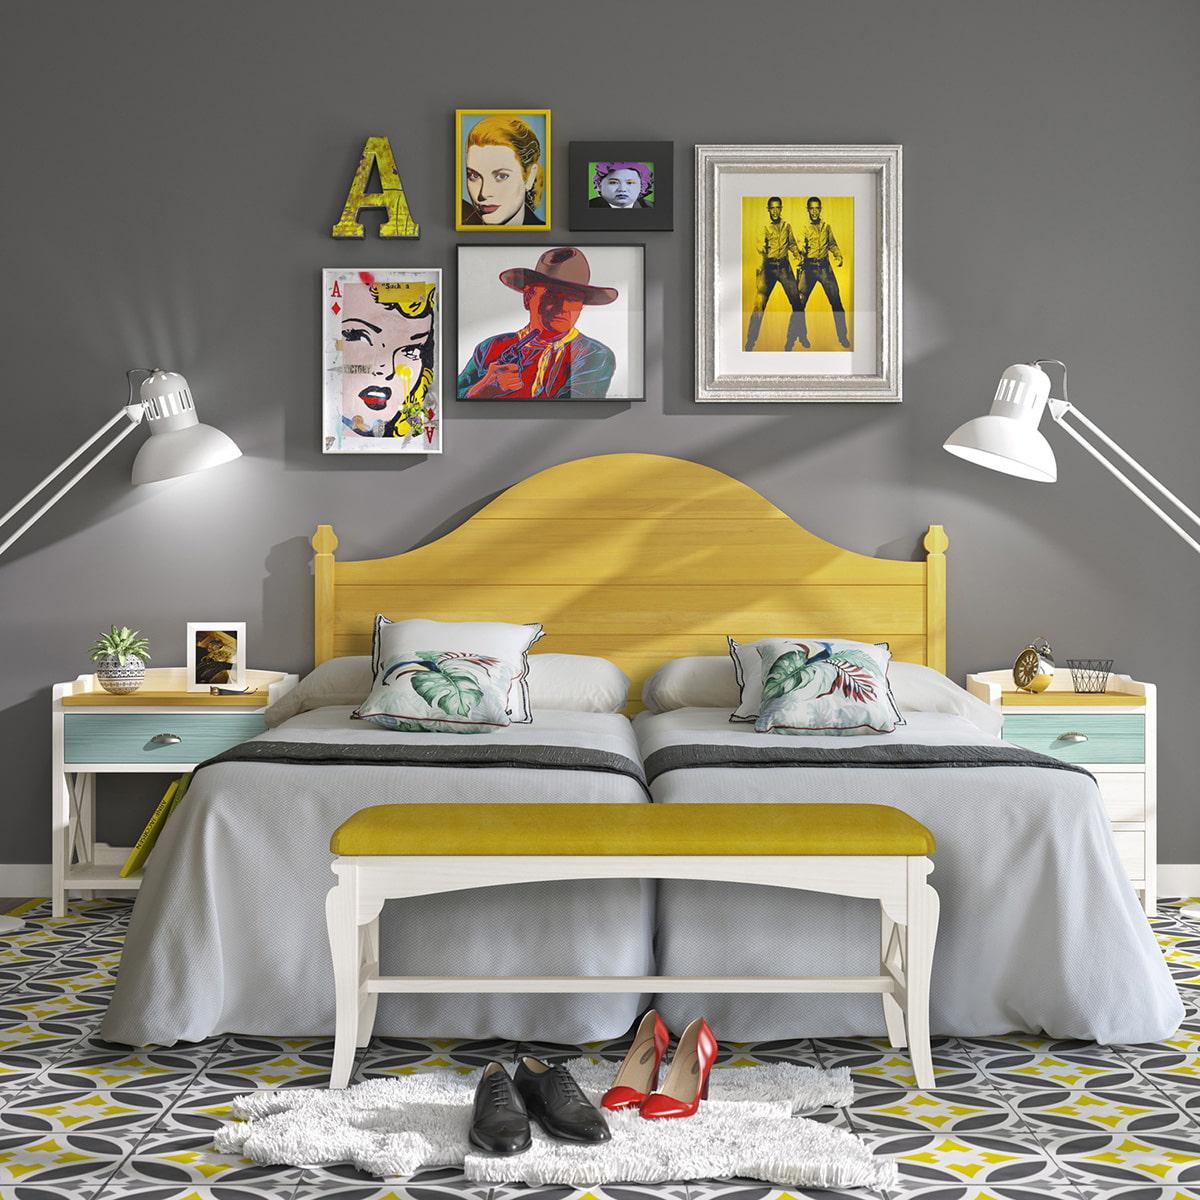 dormitorio-contemporaneo-Dormitorios-muebles-paco-caballero-1337-5c94c02779ce0